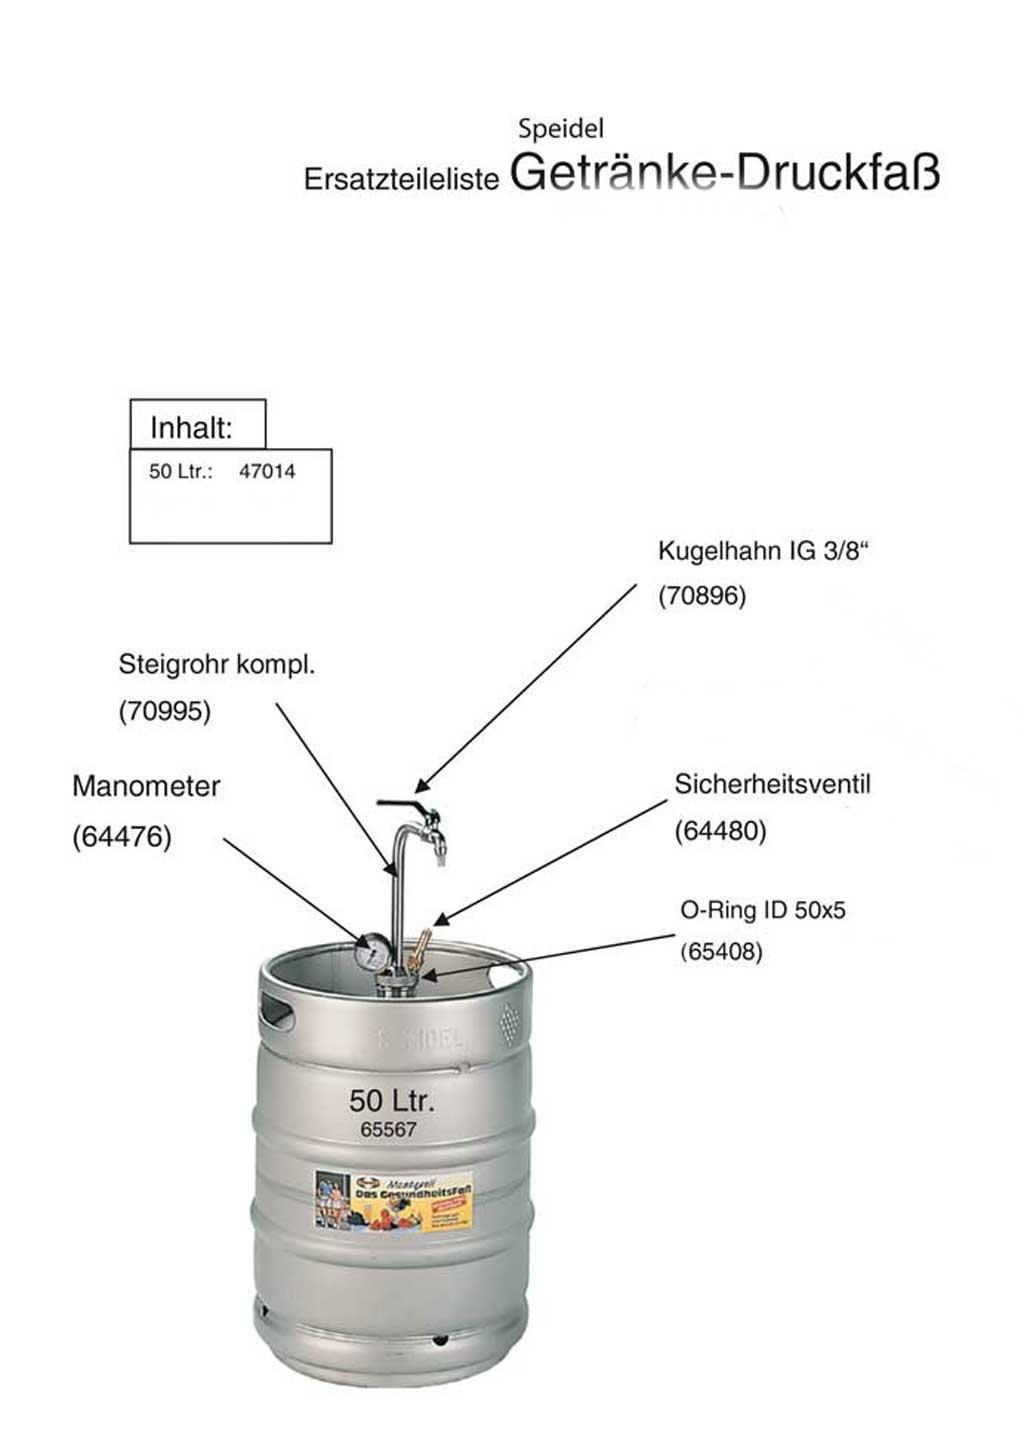 Lagerverkauf: Ersatzteile für Speidel Edelstahl-Getränke-Druckfass ...